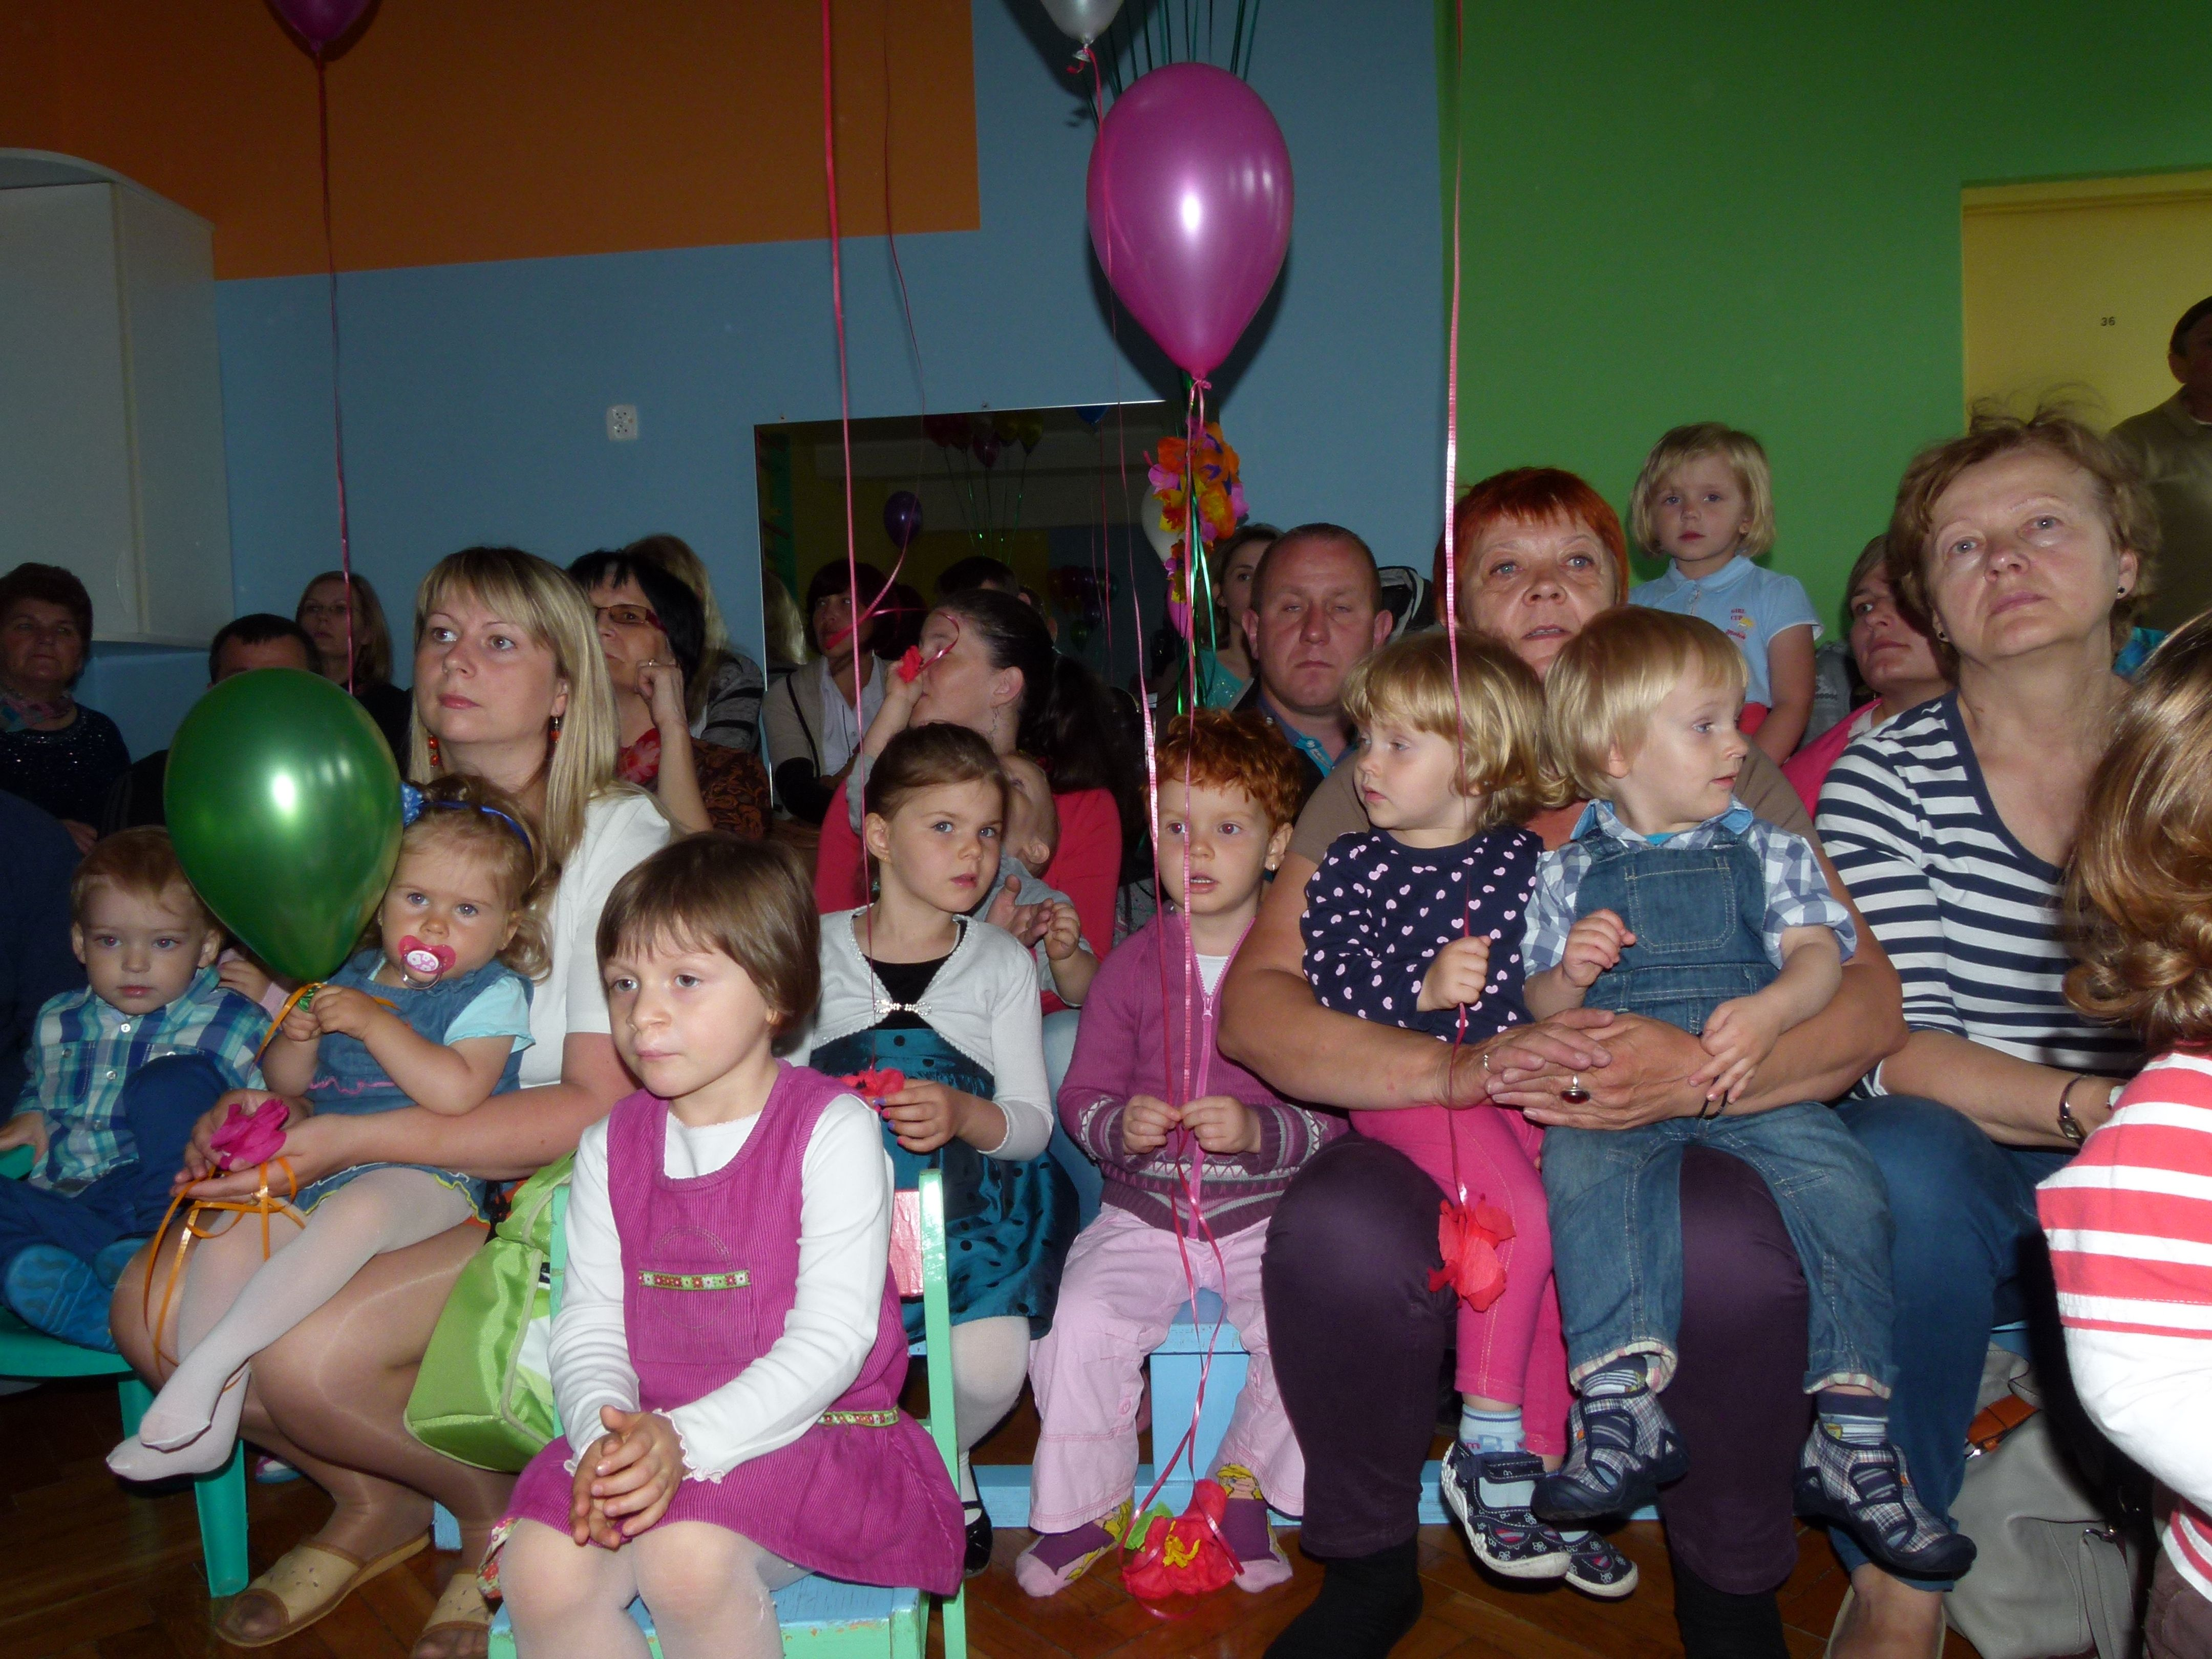 Wesołe, kolorowe i beztroskie- takie były obchody Dnia Dziecka w Ośrodku Rehabilitacji Dzieci Niepełnosprawnych przy ulicy Radosnej